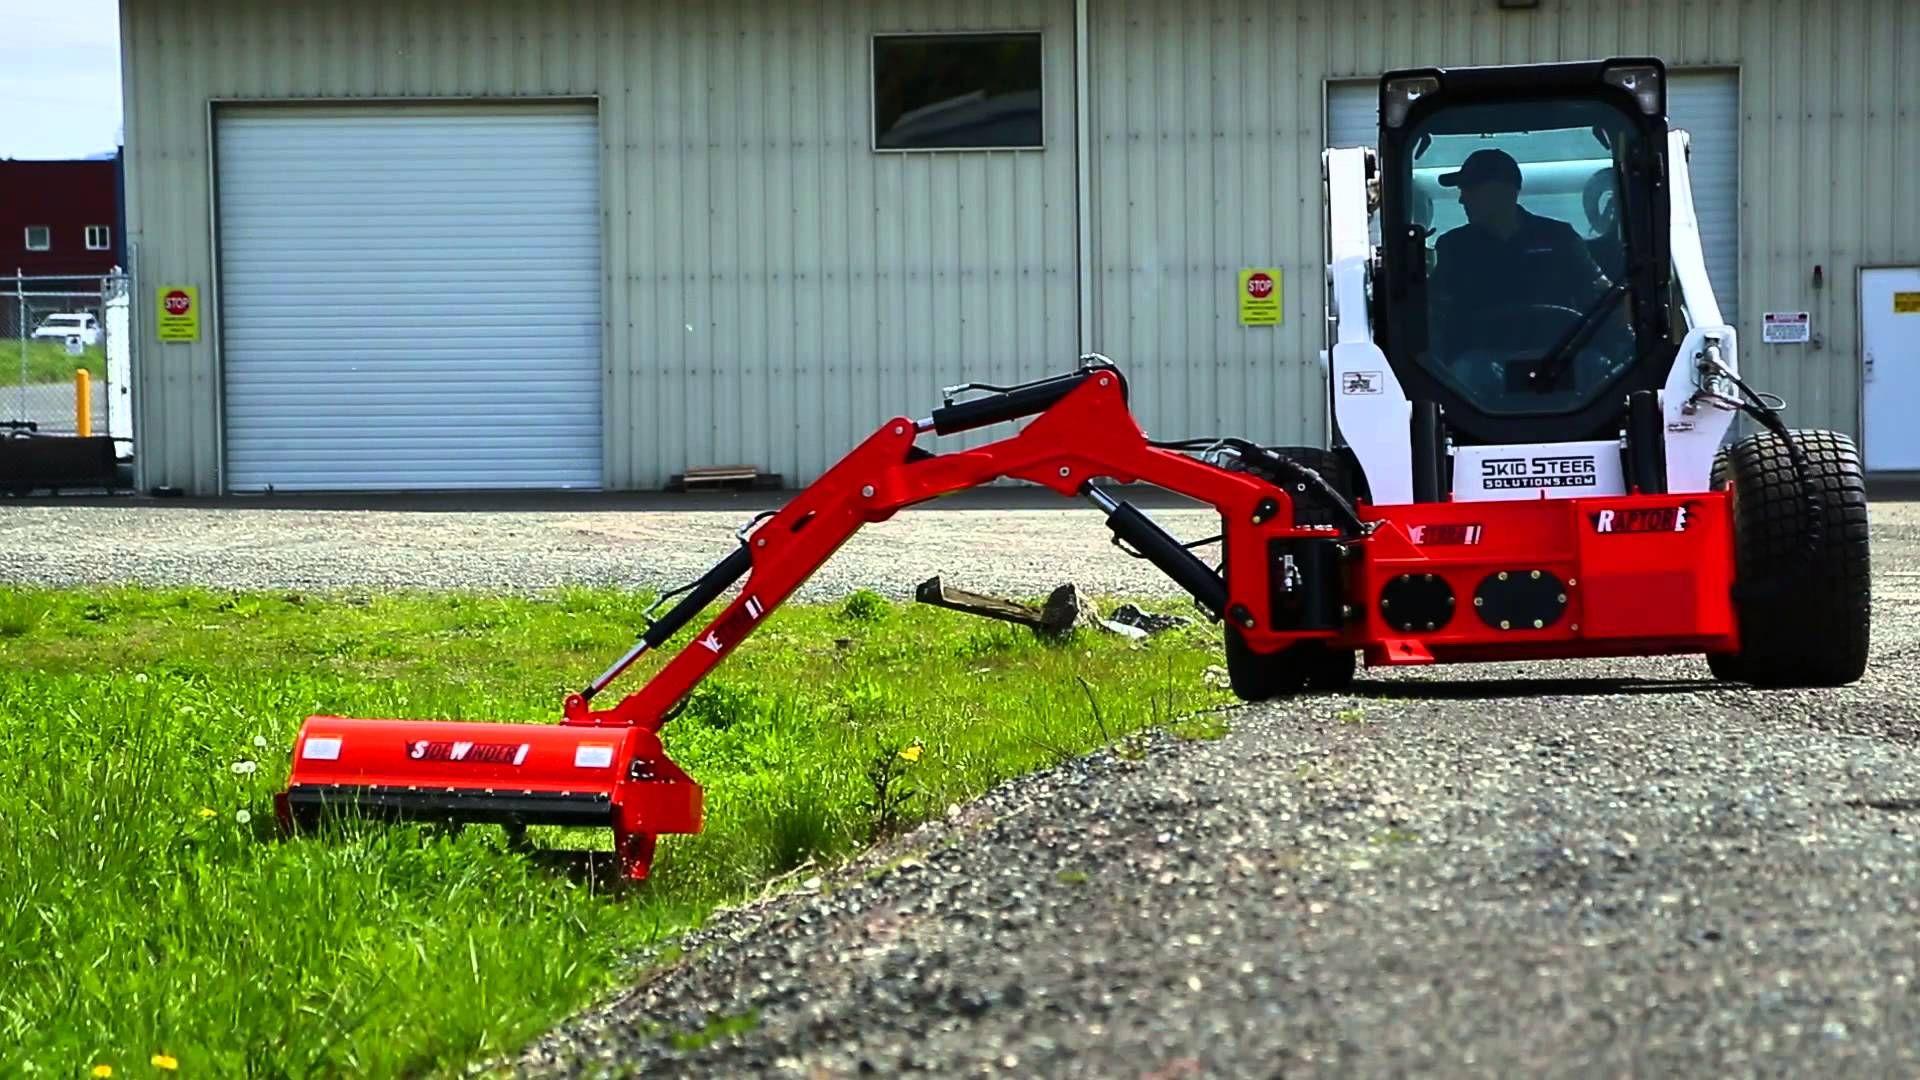 Side Mower Attachment for Skid Steer   Skid Steer Roadside Mower